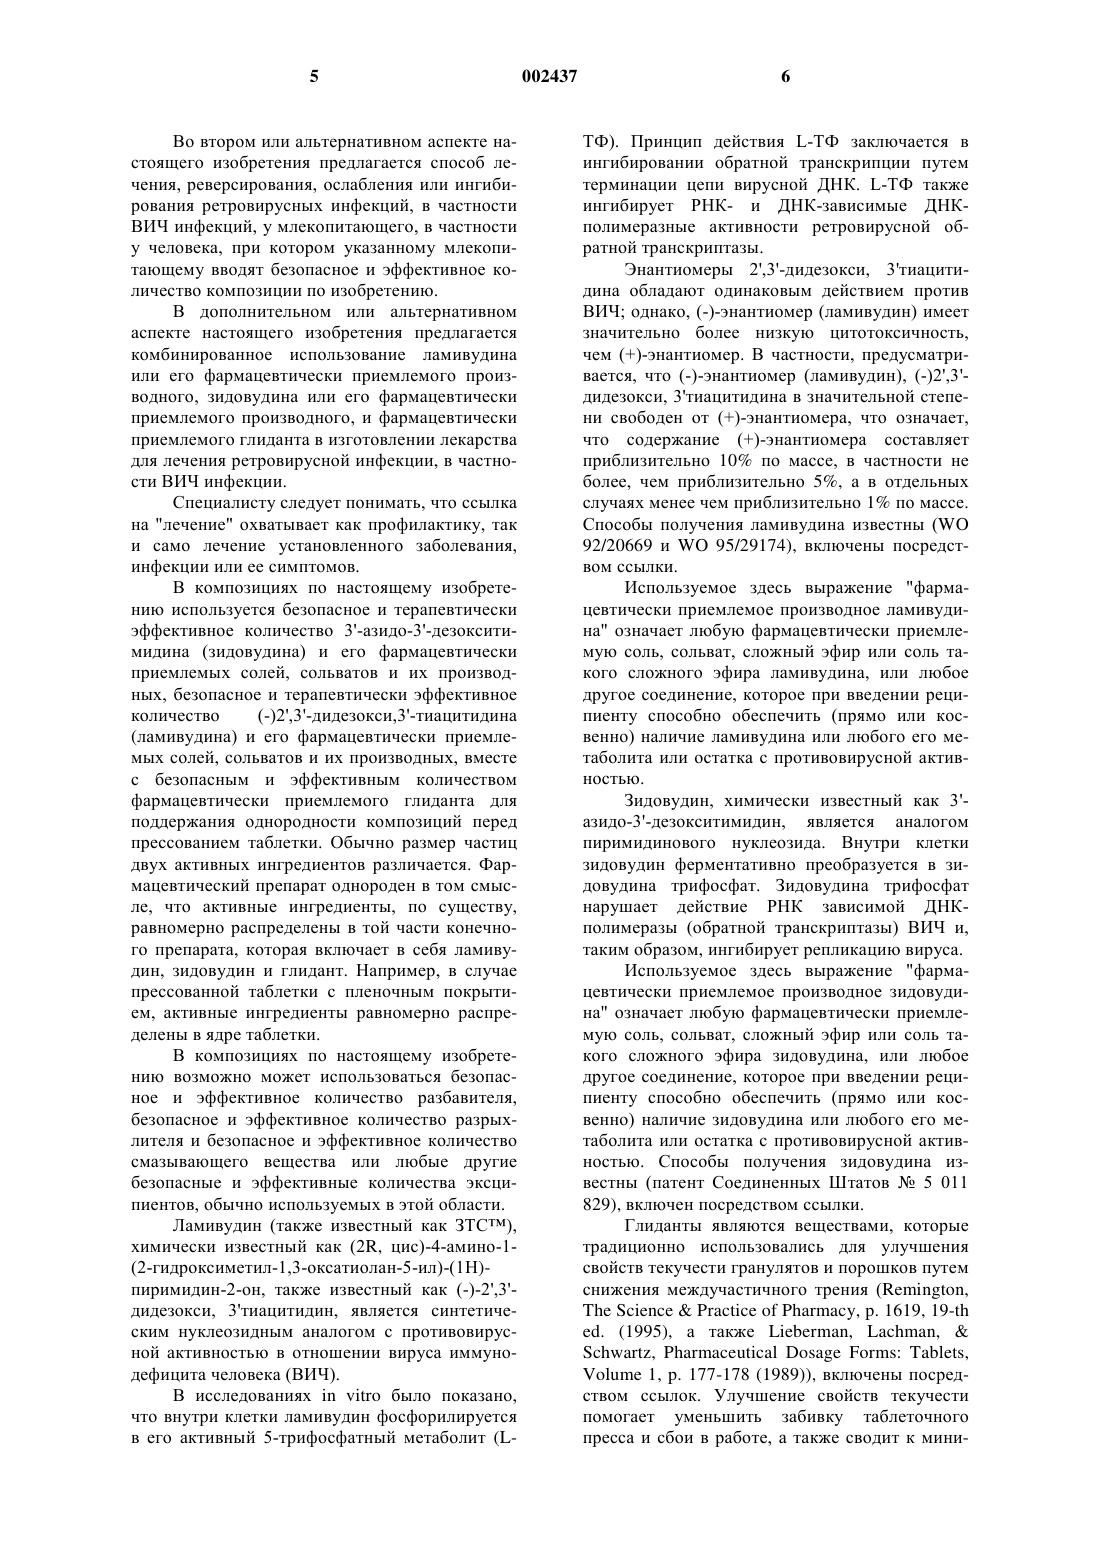 Зидовудин